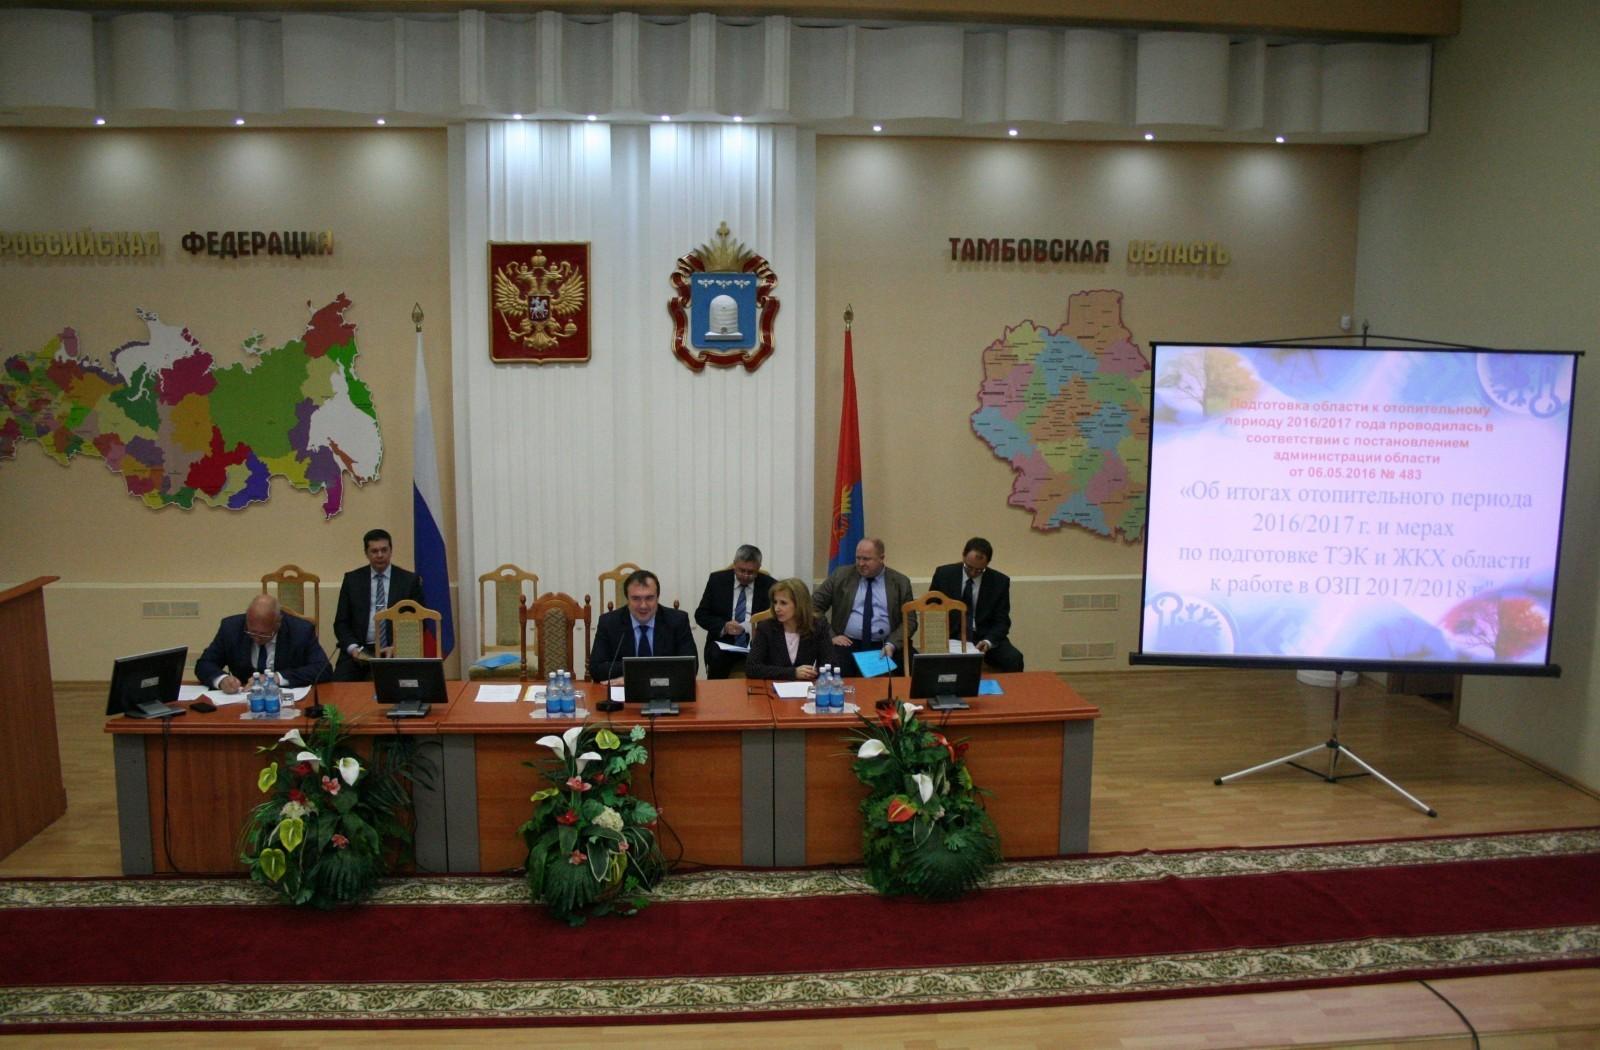 В 2017 году в реконструкцию коммунальной инфраструктуры региона по программе «Малые города» будет вложен 1 миллиард рублей